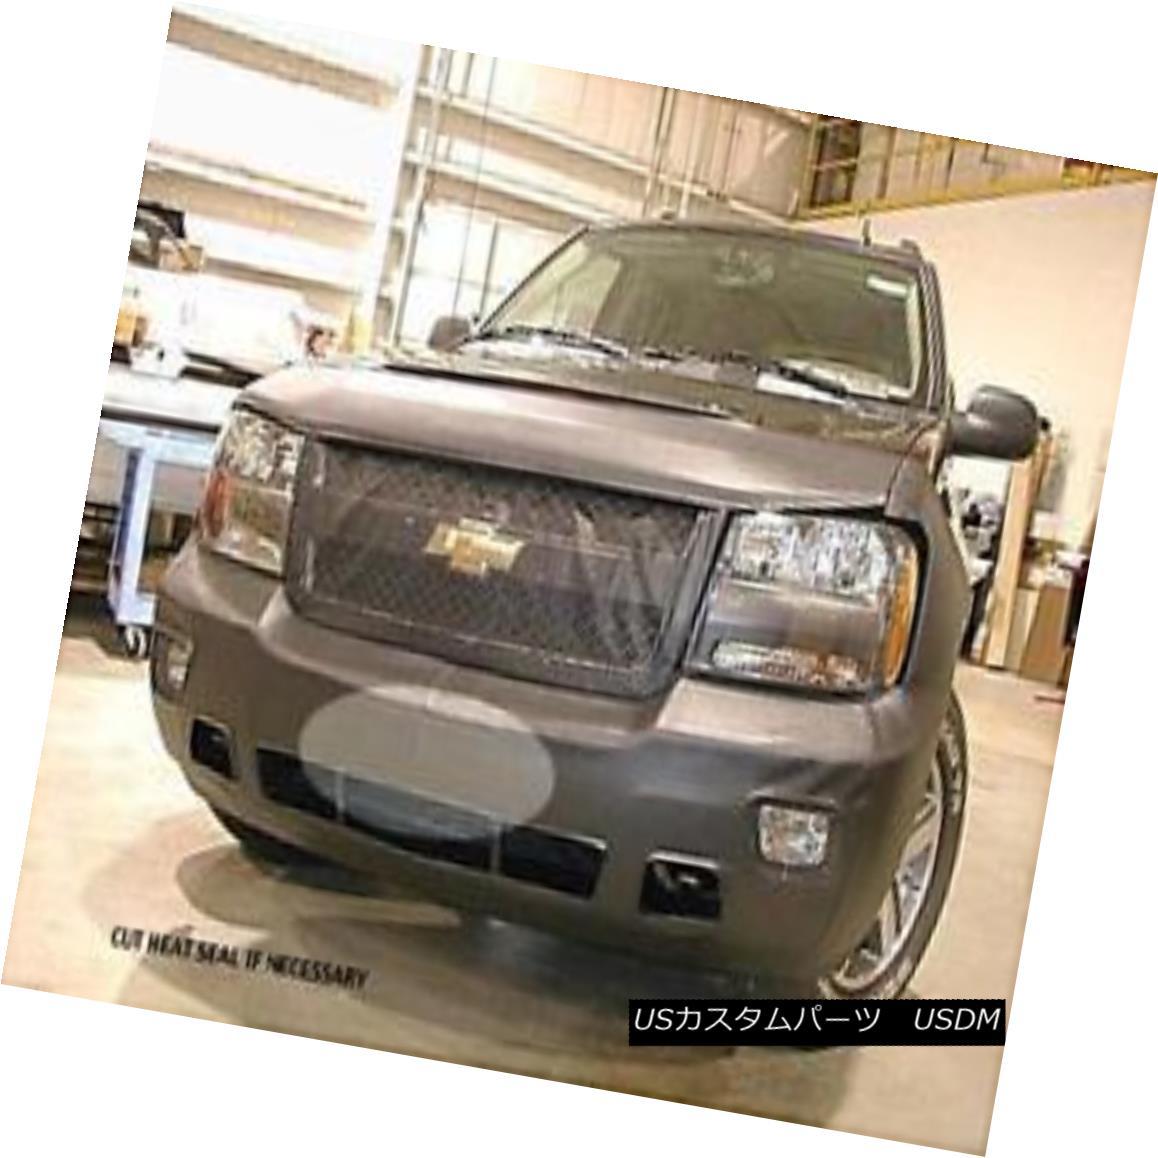 Lebra Front End Mask Bra Fits Chevy Trailblazer LT 2006-2009 06 07 08 09